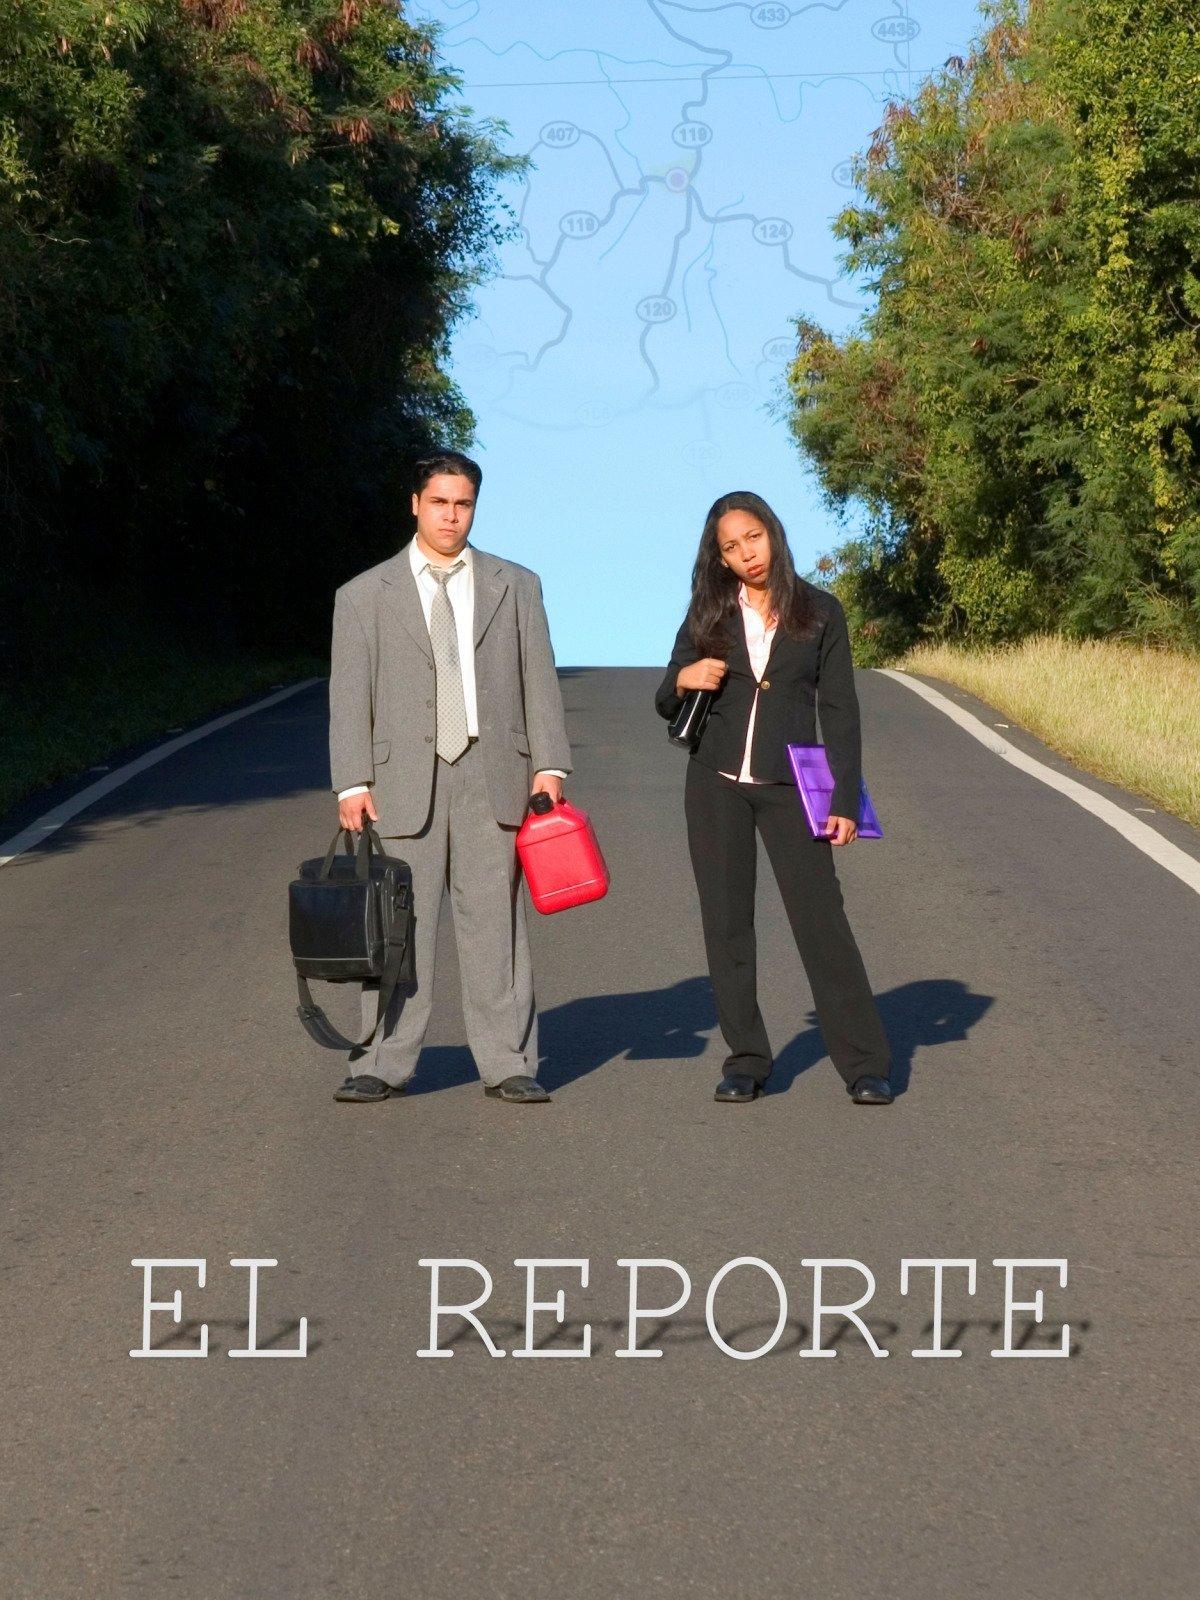 El Reporte